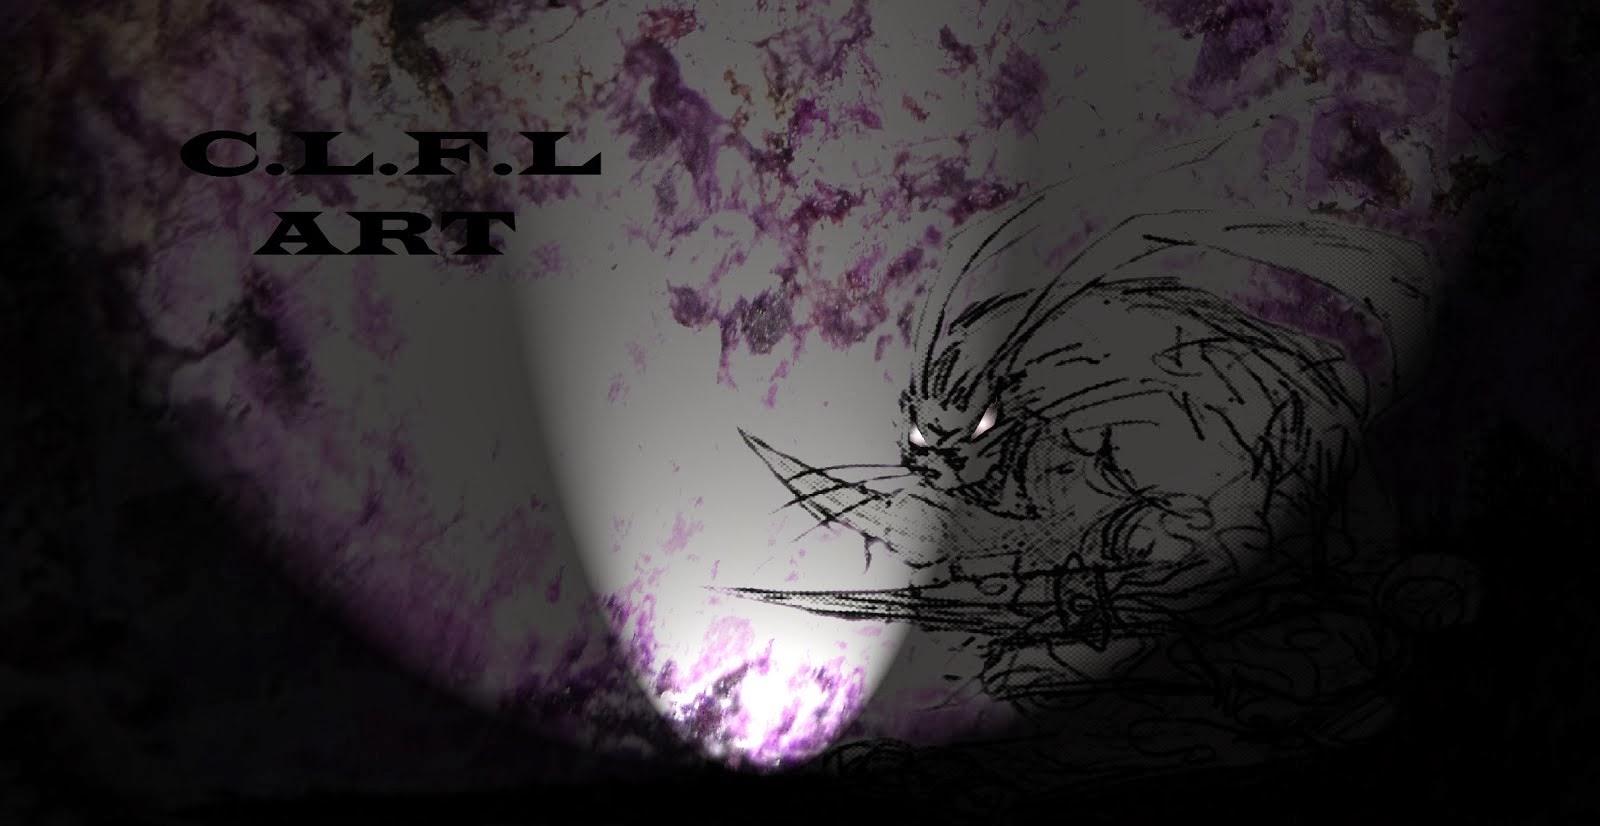 C.L.F.L ART